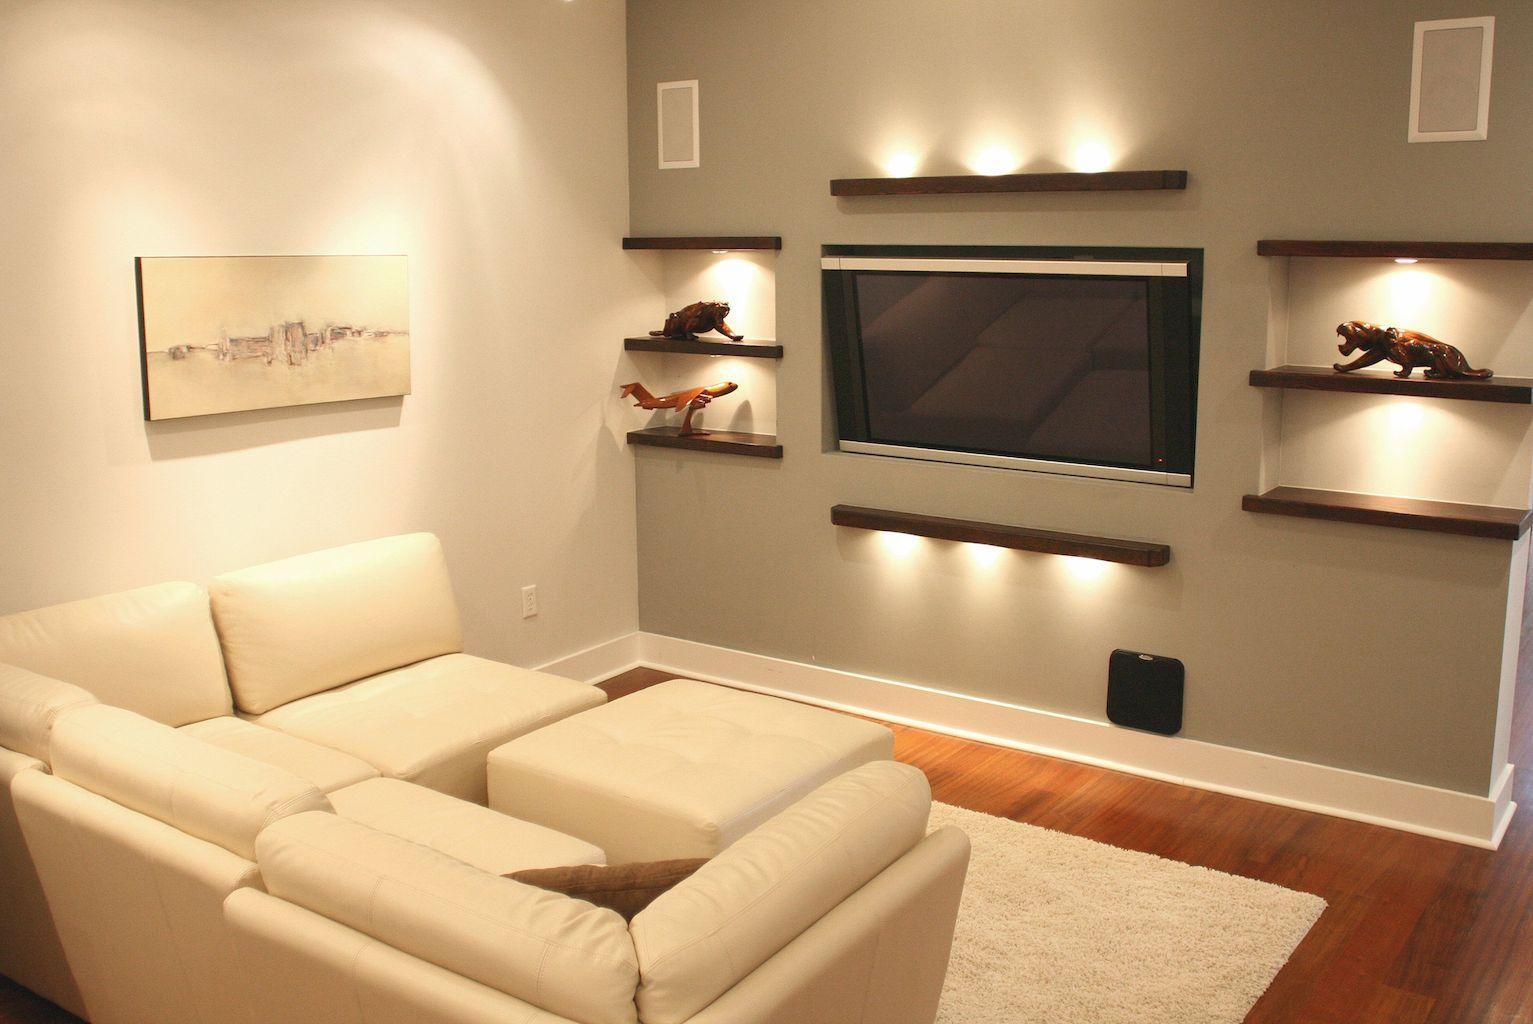 Adorable 60 Tv Wall Living Room Ideas Decor On A Budget Https Roomadness Com 2017 09 10 60 I Condo Living Room Living Room Decor Apartment Small Living Rooms